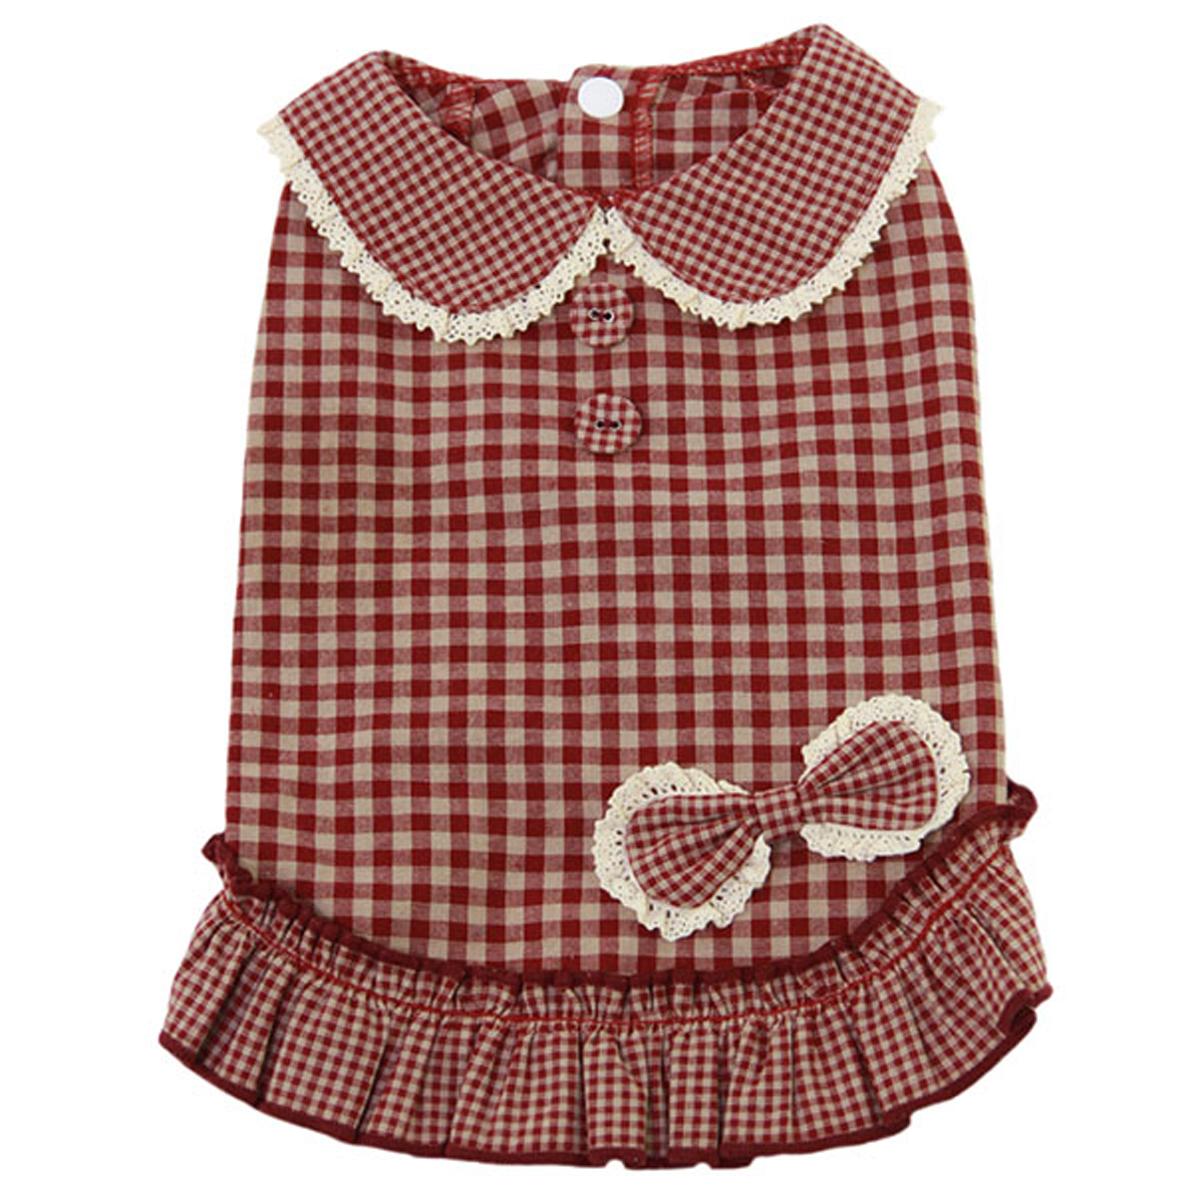 Dobaz Gingham Dog Dress - Red